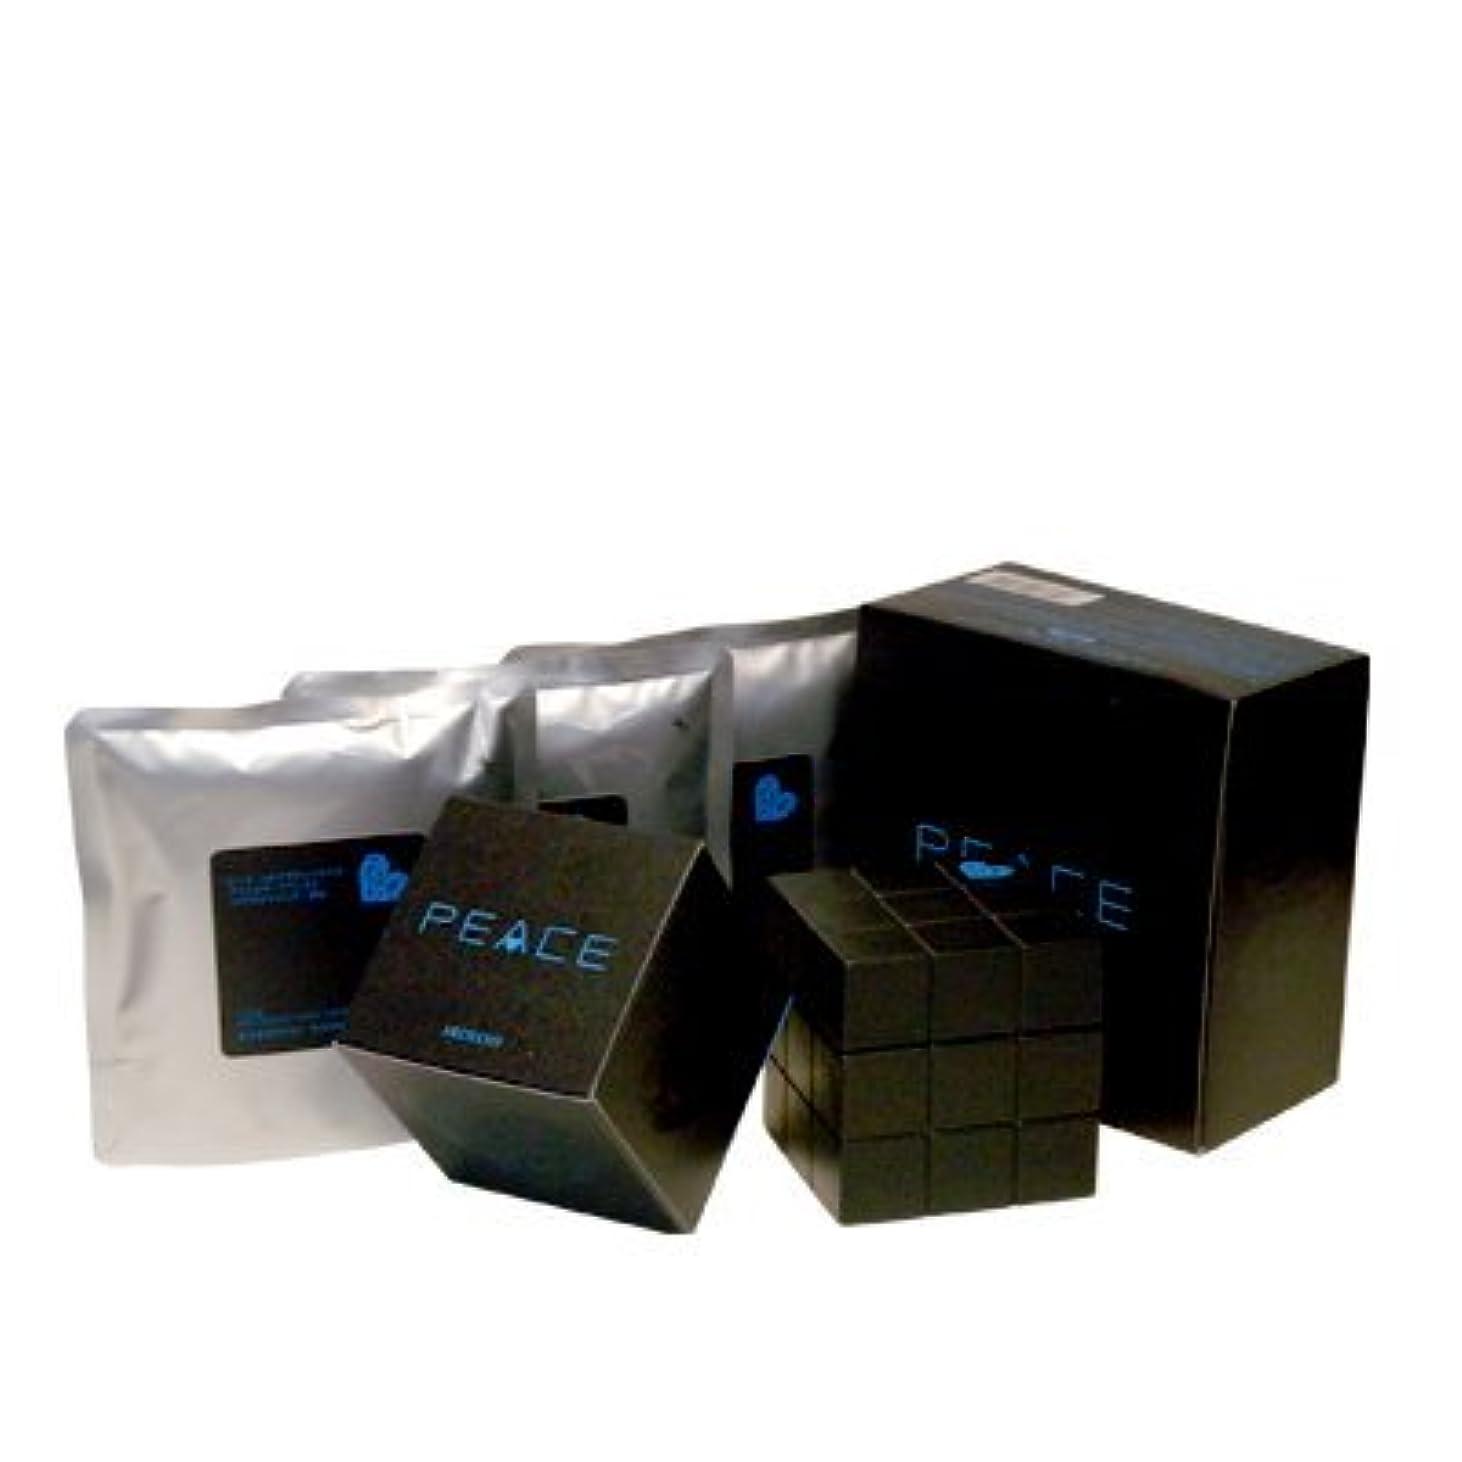 おとうさん豆腐完全にアリミノ ピース プロデザインシリーズ フリーズキープワックス ブラック80g+詰め替え80g×3